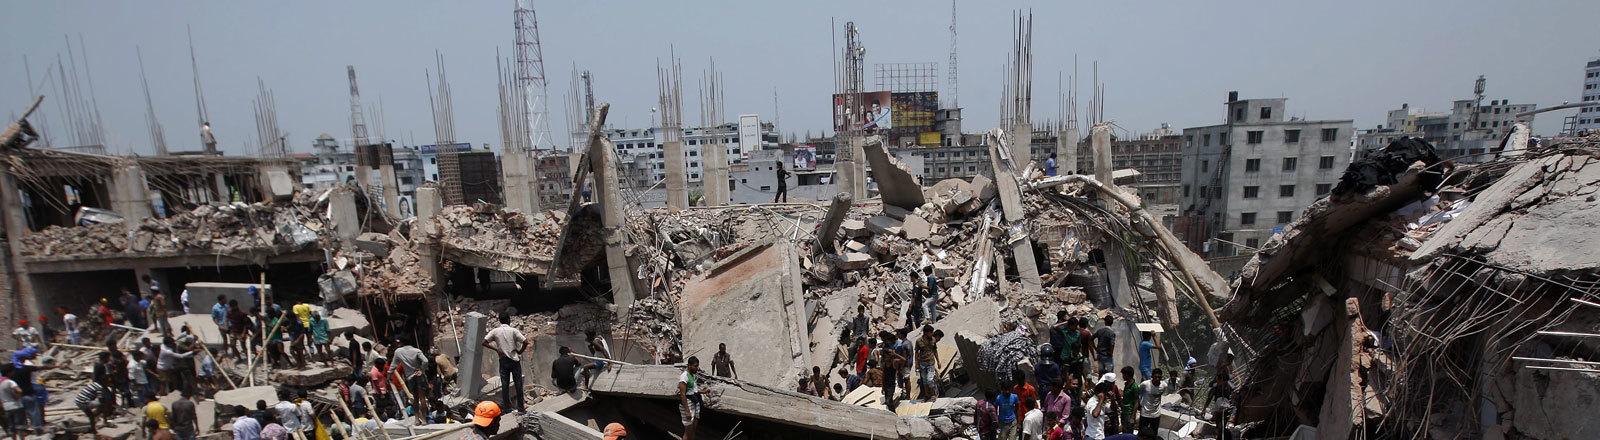 Das Rana-Plaza-Gebäude nach dem Einsturz (24.04.2013)